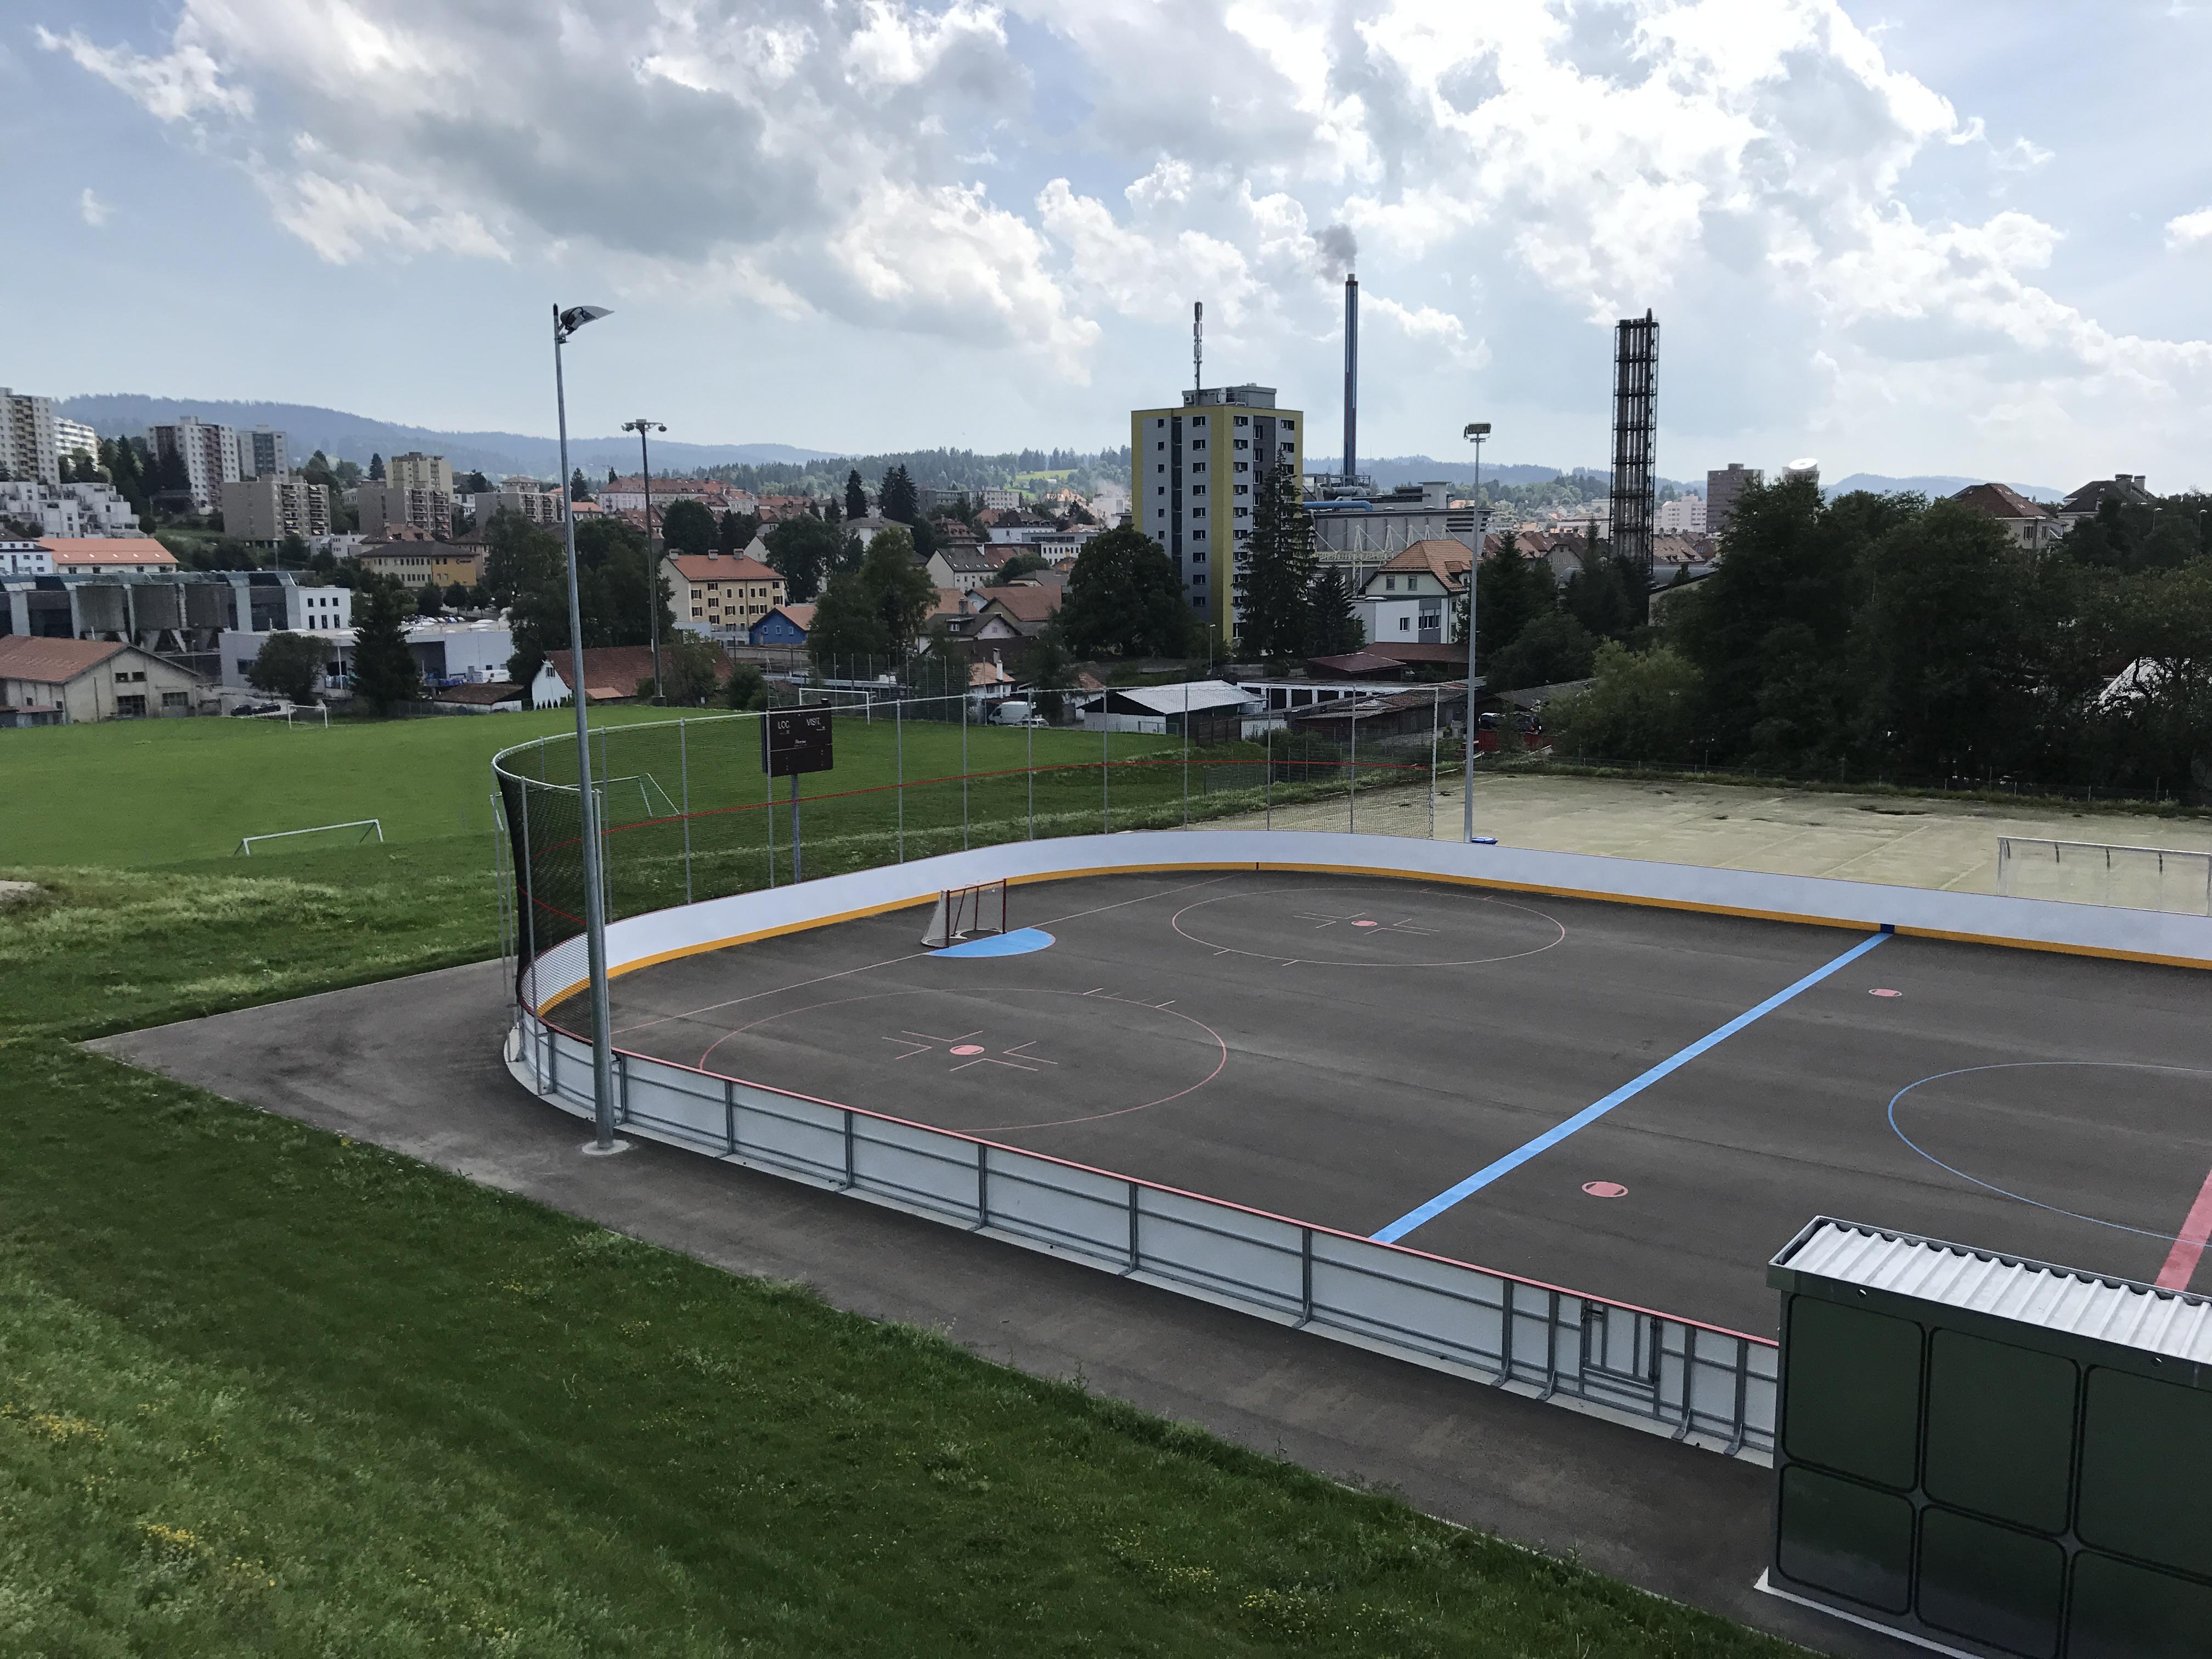 La chaux de fonds la charri re realsport for Technicien piscine suisse